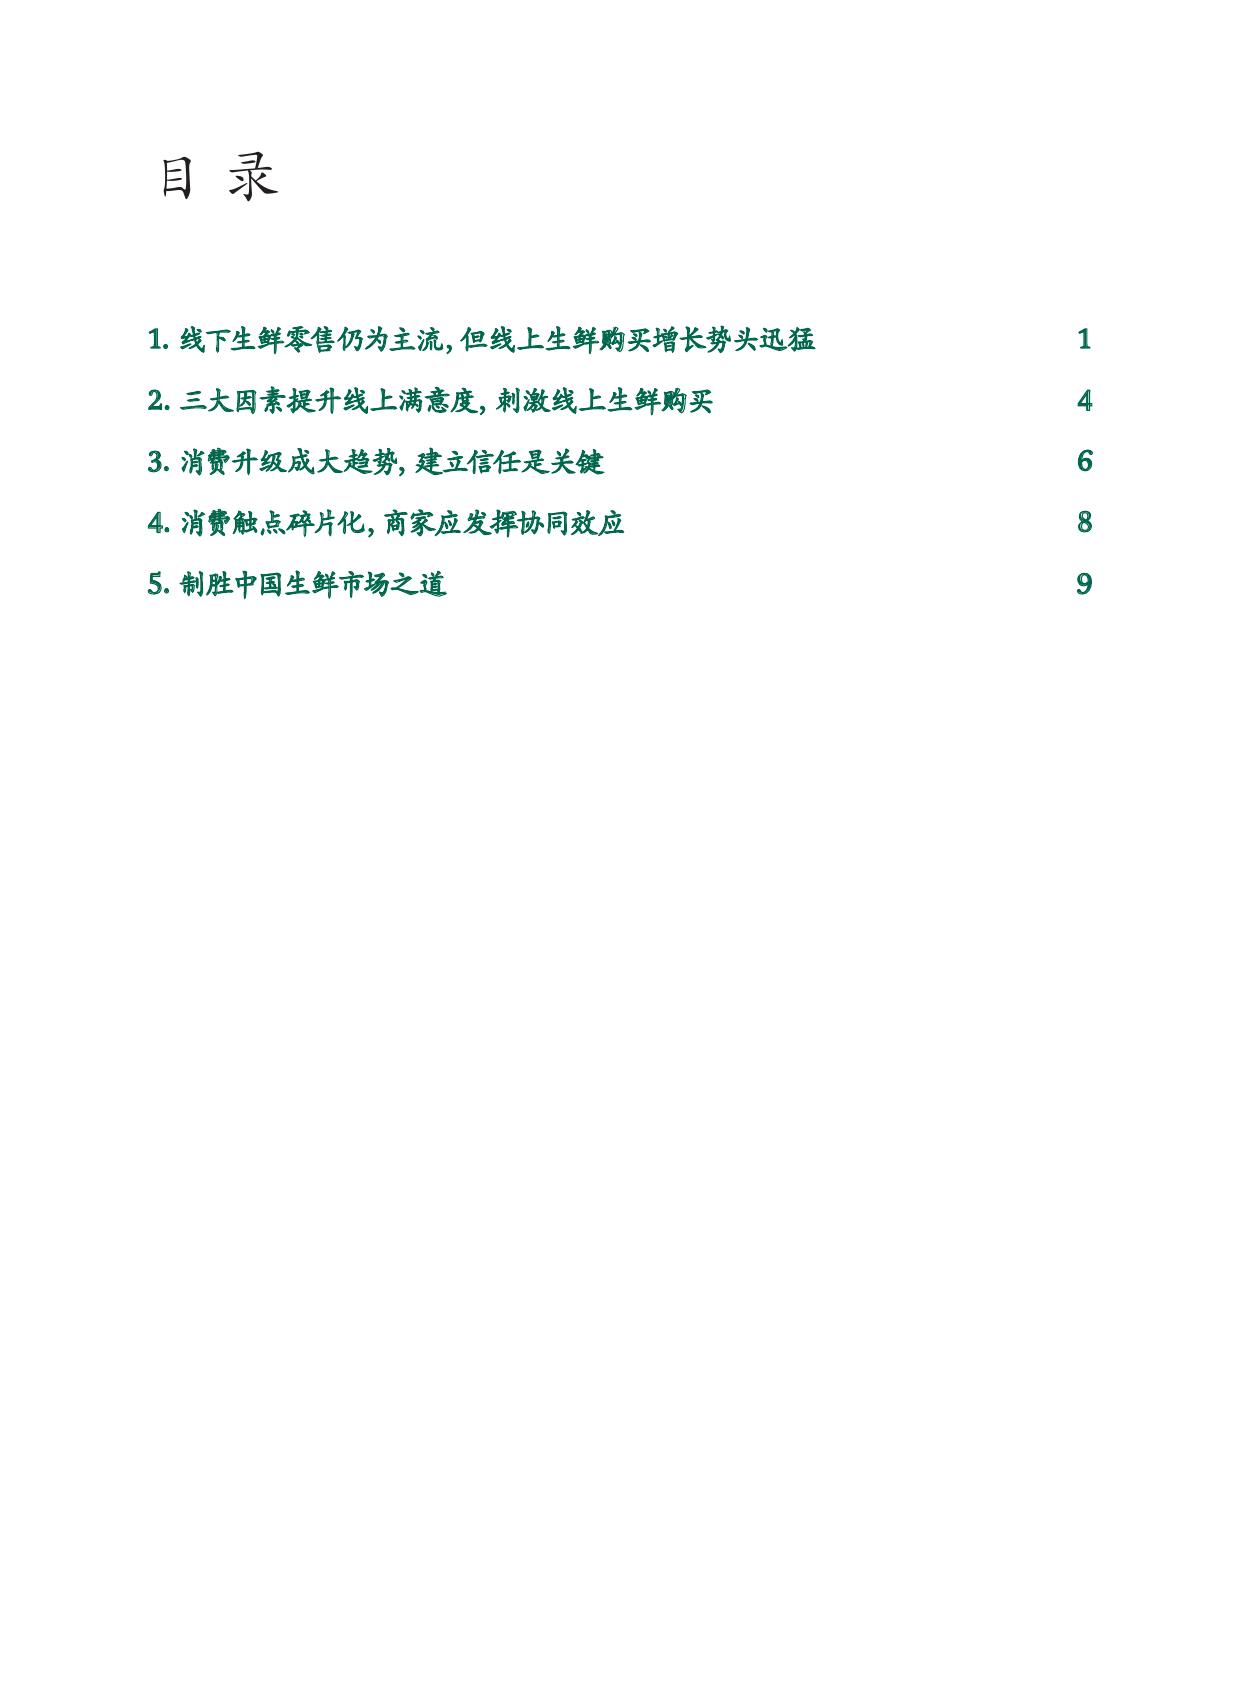 2016年中国生鲜消费趋势报告_000002